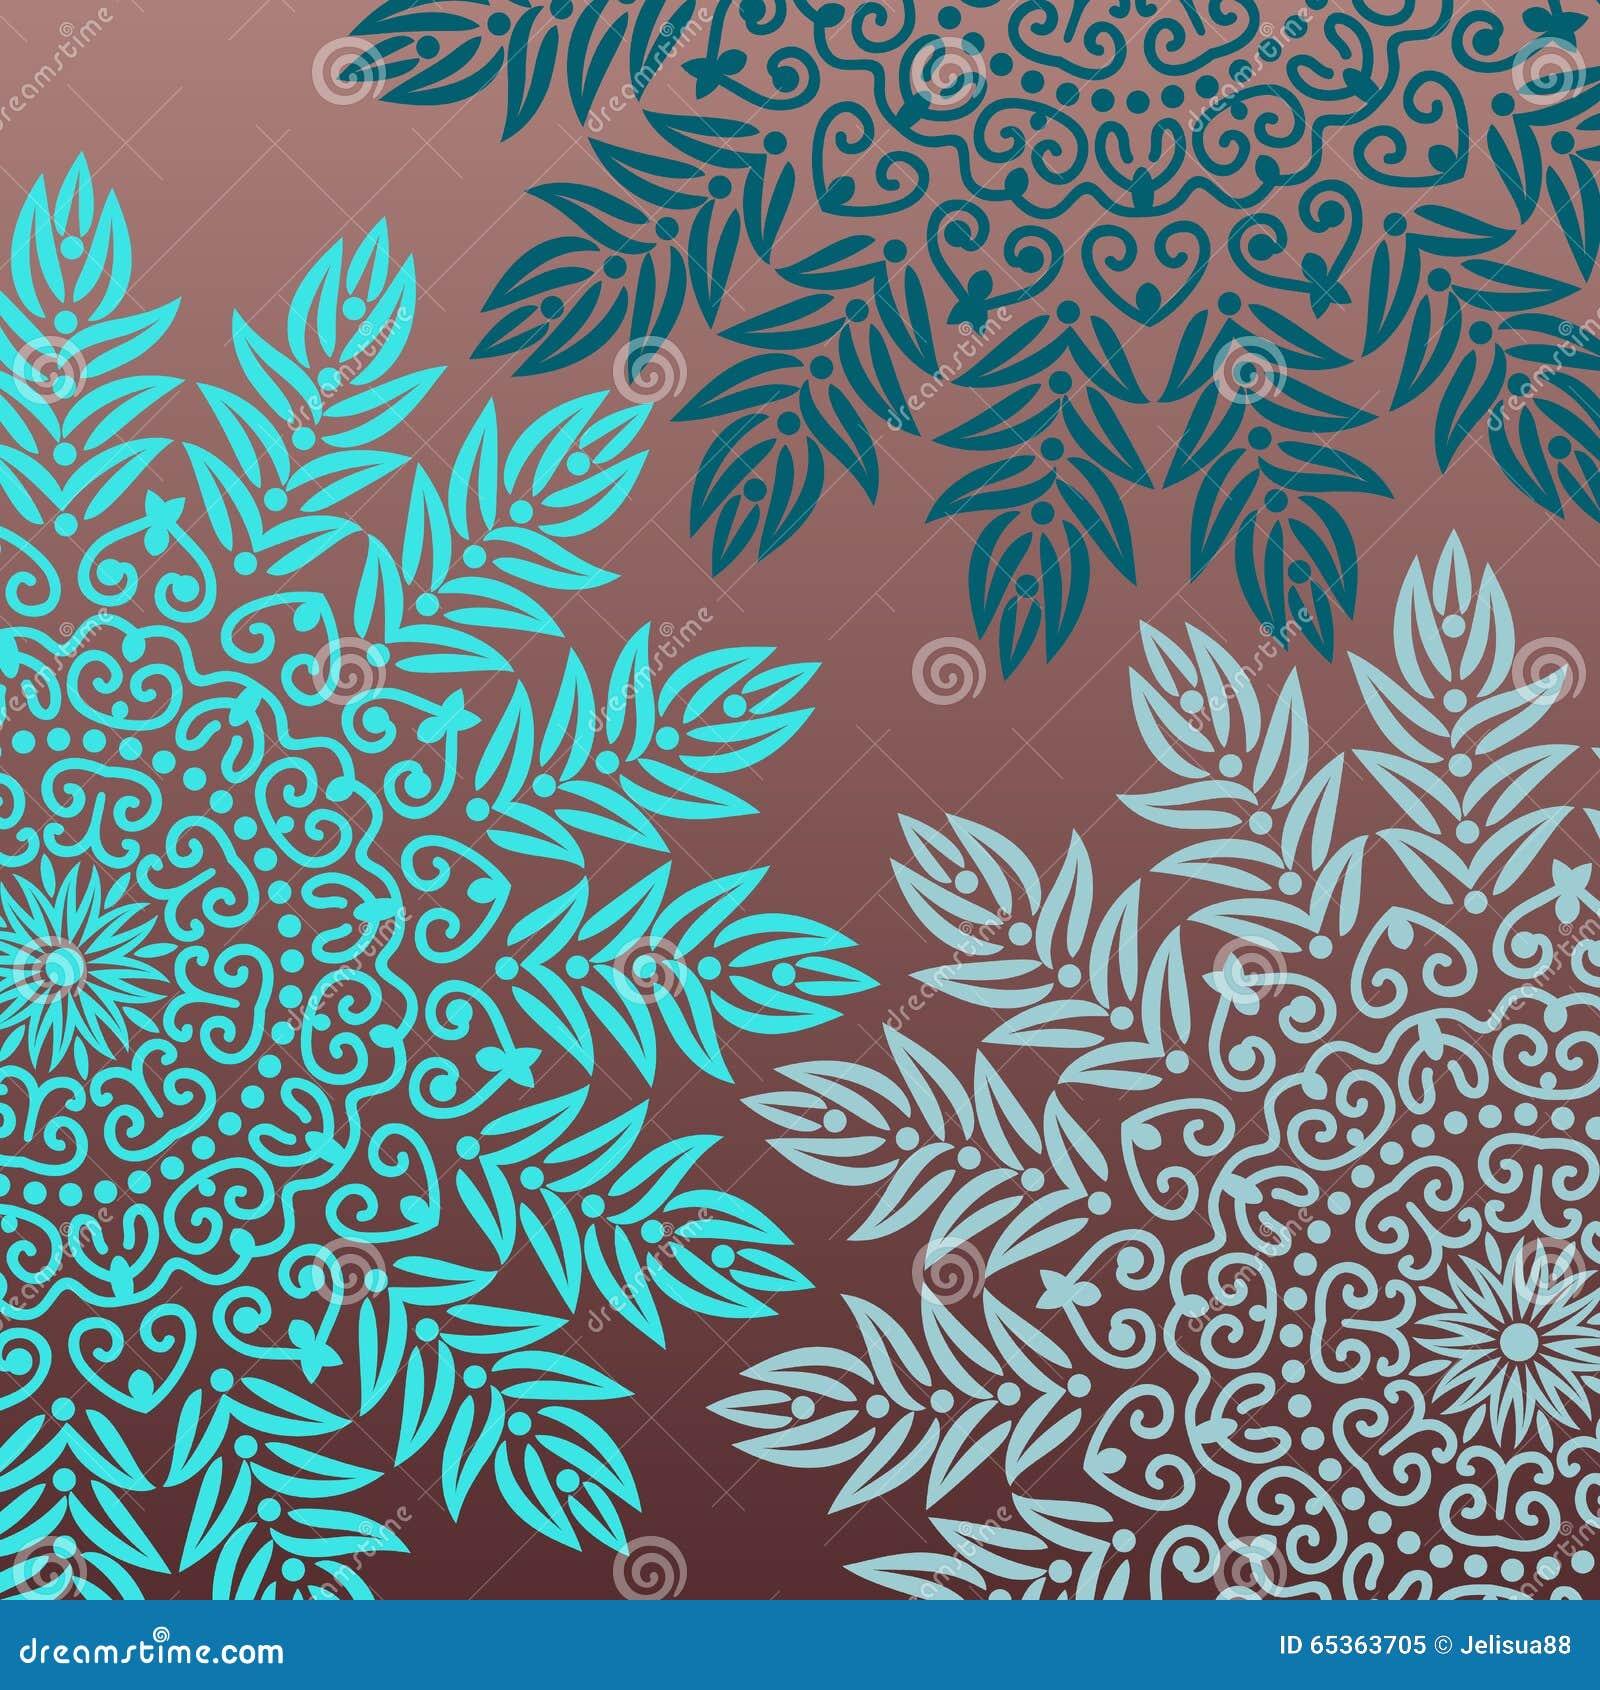 Background Mandala Stock Vector - Image: 65363705